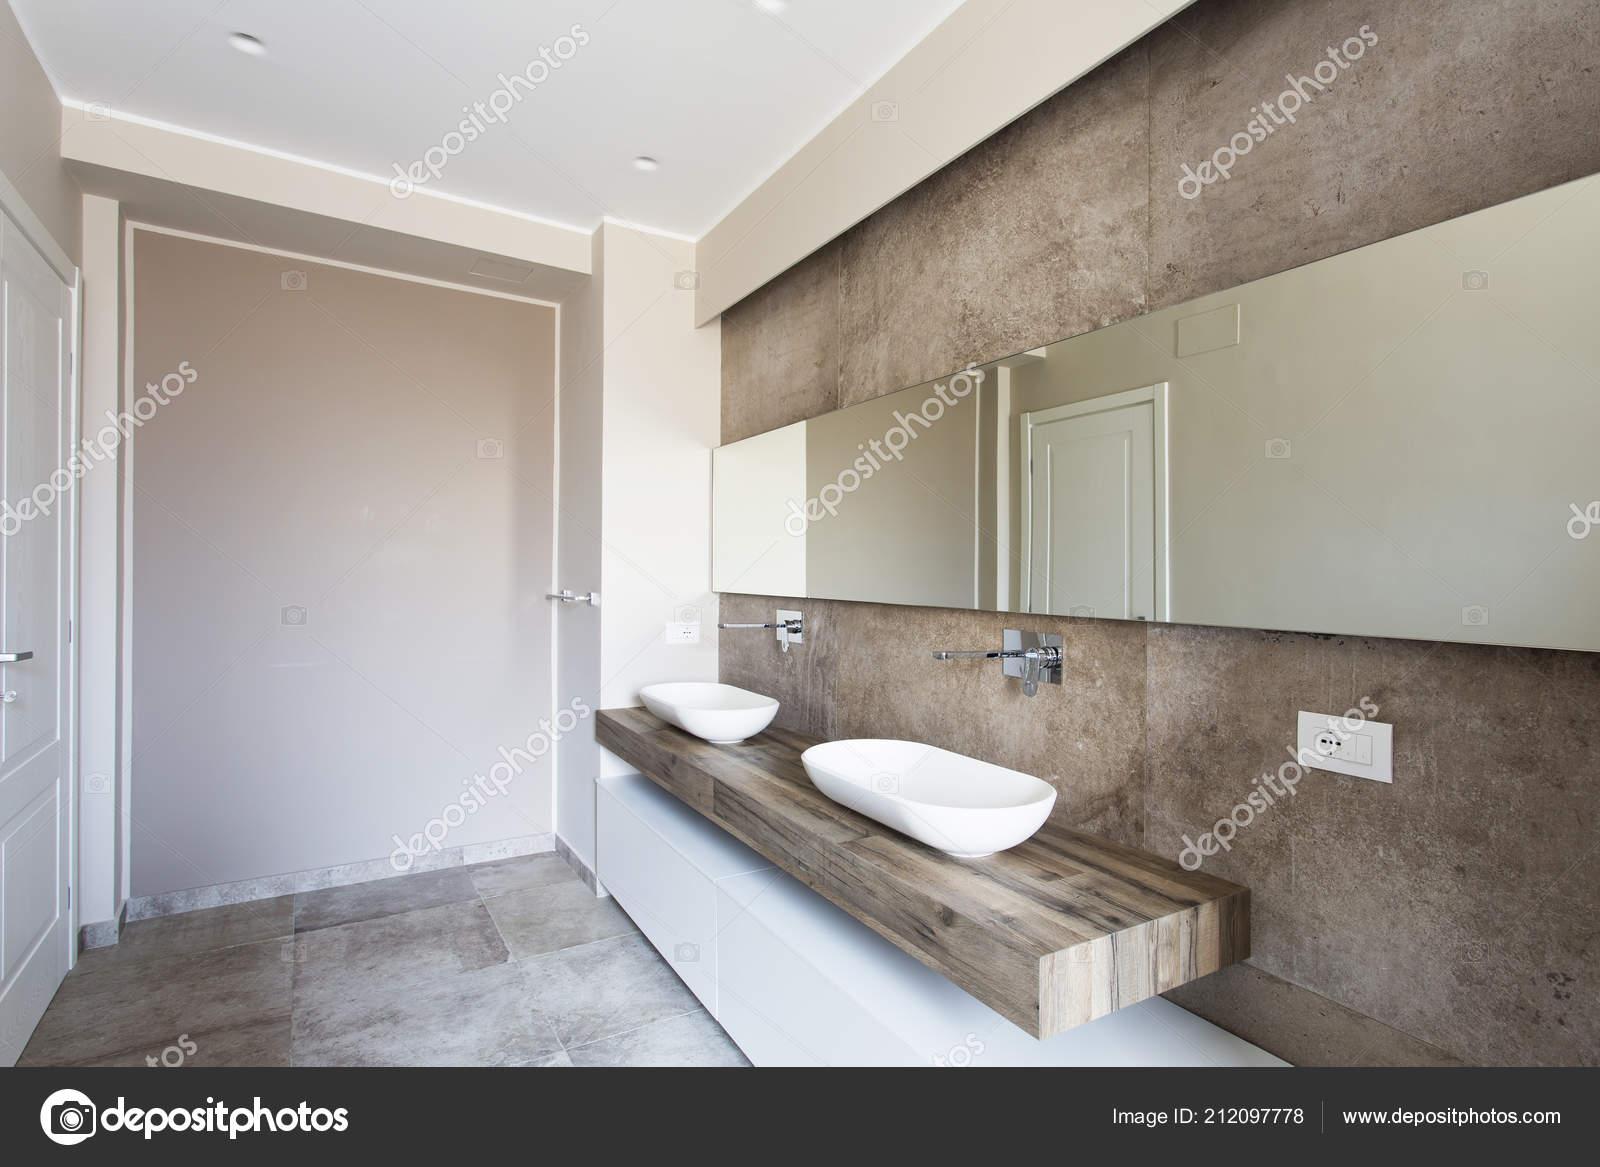 Moderno Bagno Con Doppio Lavabo Bagno Sanitari Sospesi